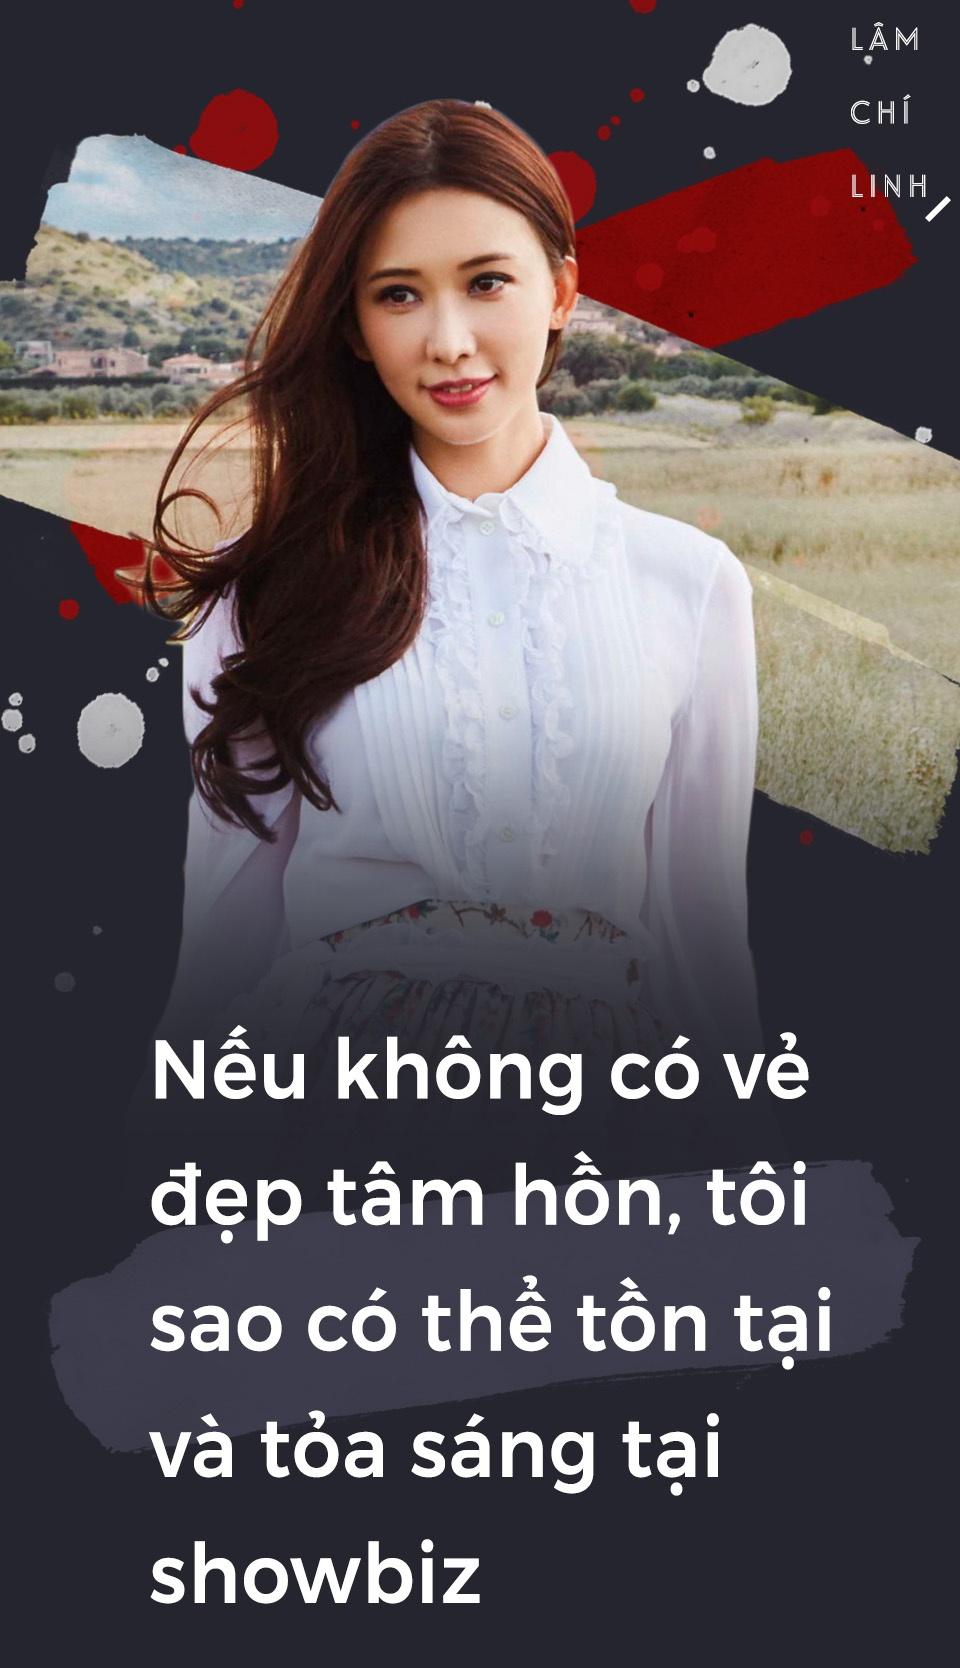 Lam Chi Linh: Hoa hau than thien hay chan dai ban dam nghin USD? hinh anh 8